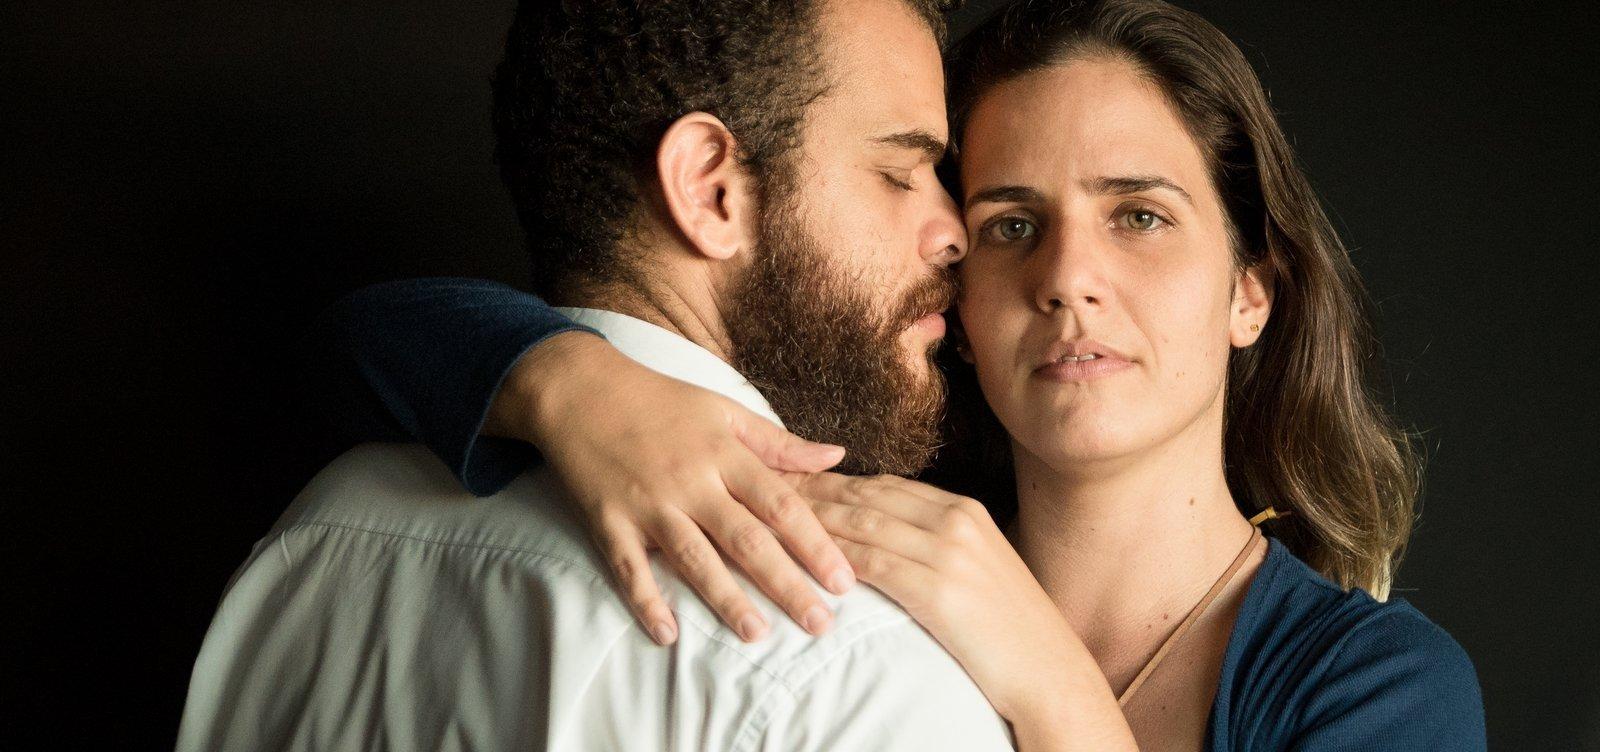 [Espetáculo 'Revolução' estreia no Teatro Martim Gonçalves com entrada gratuita]